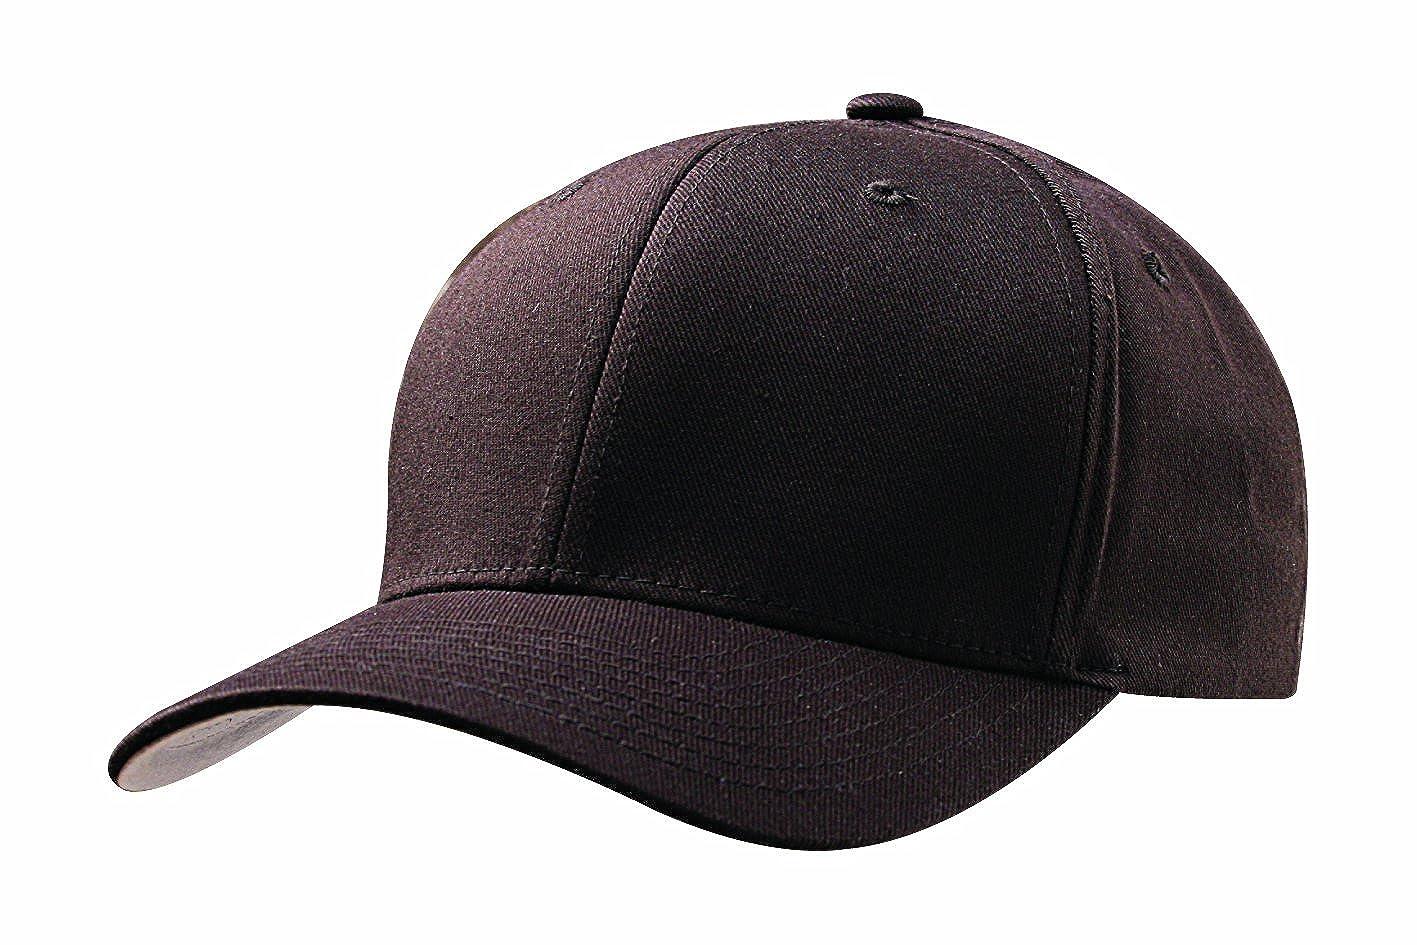 6c3607e054f Flexfit Premium Original Wooly Combed Twill Cap 6277 (XXL (7 3 8-8 ...